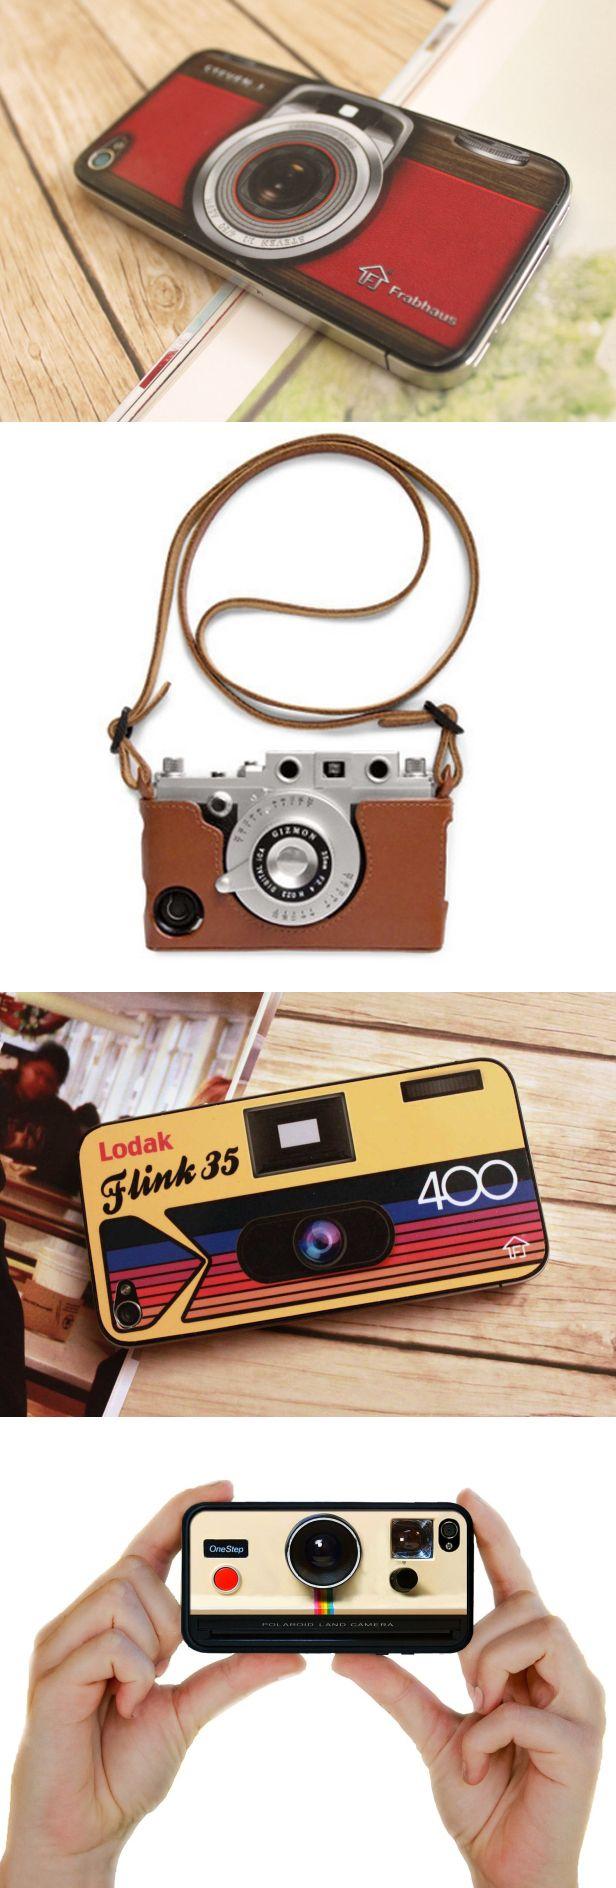 Los amantes de la fotografía serían felices con alguna de estas fundas en sus celulares.